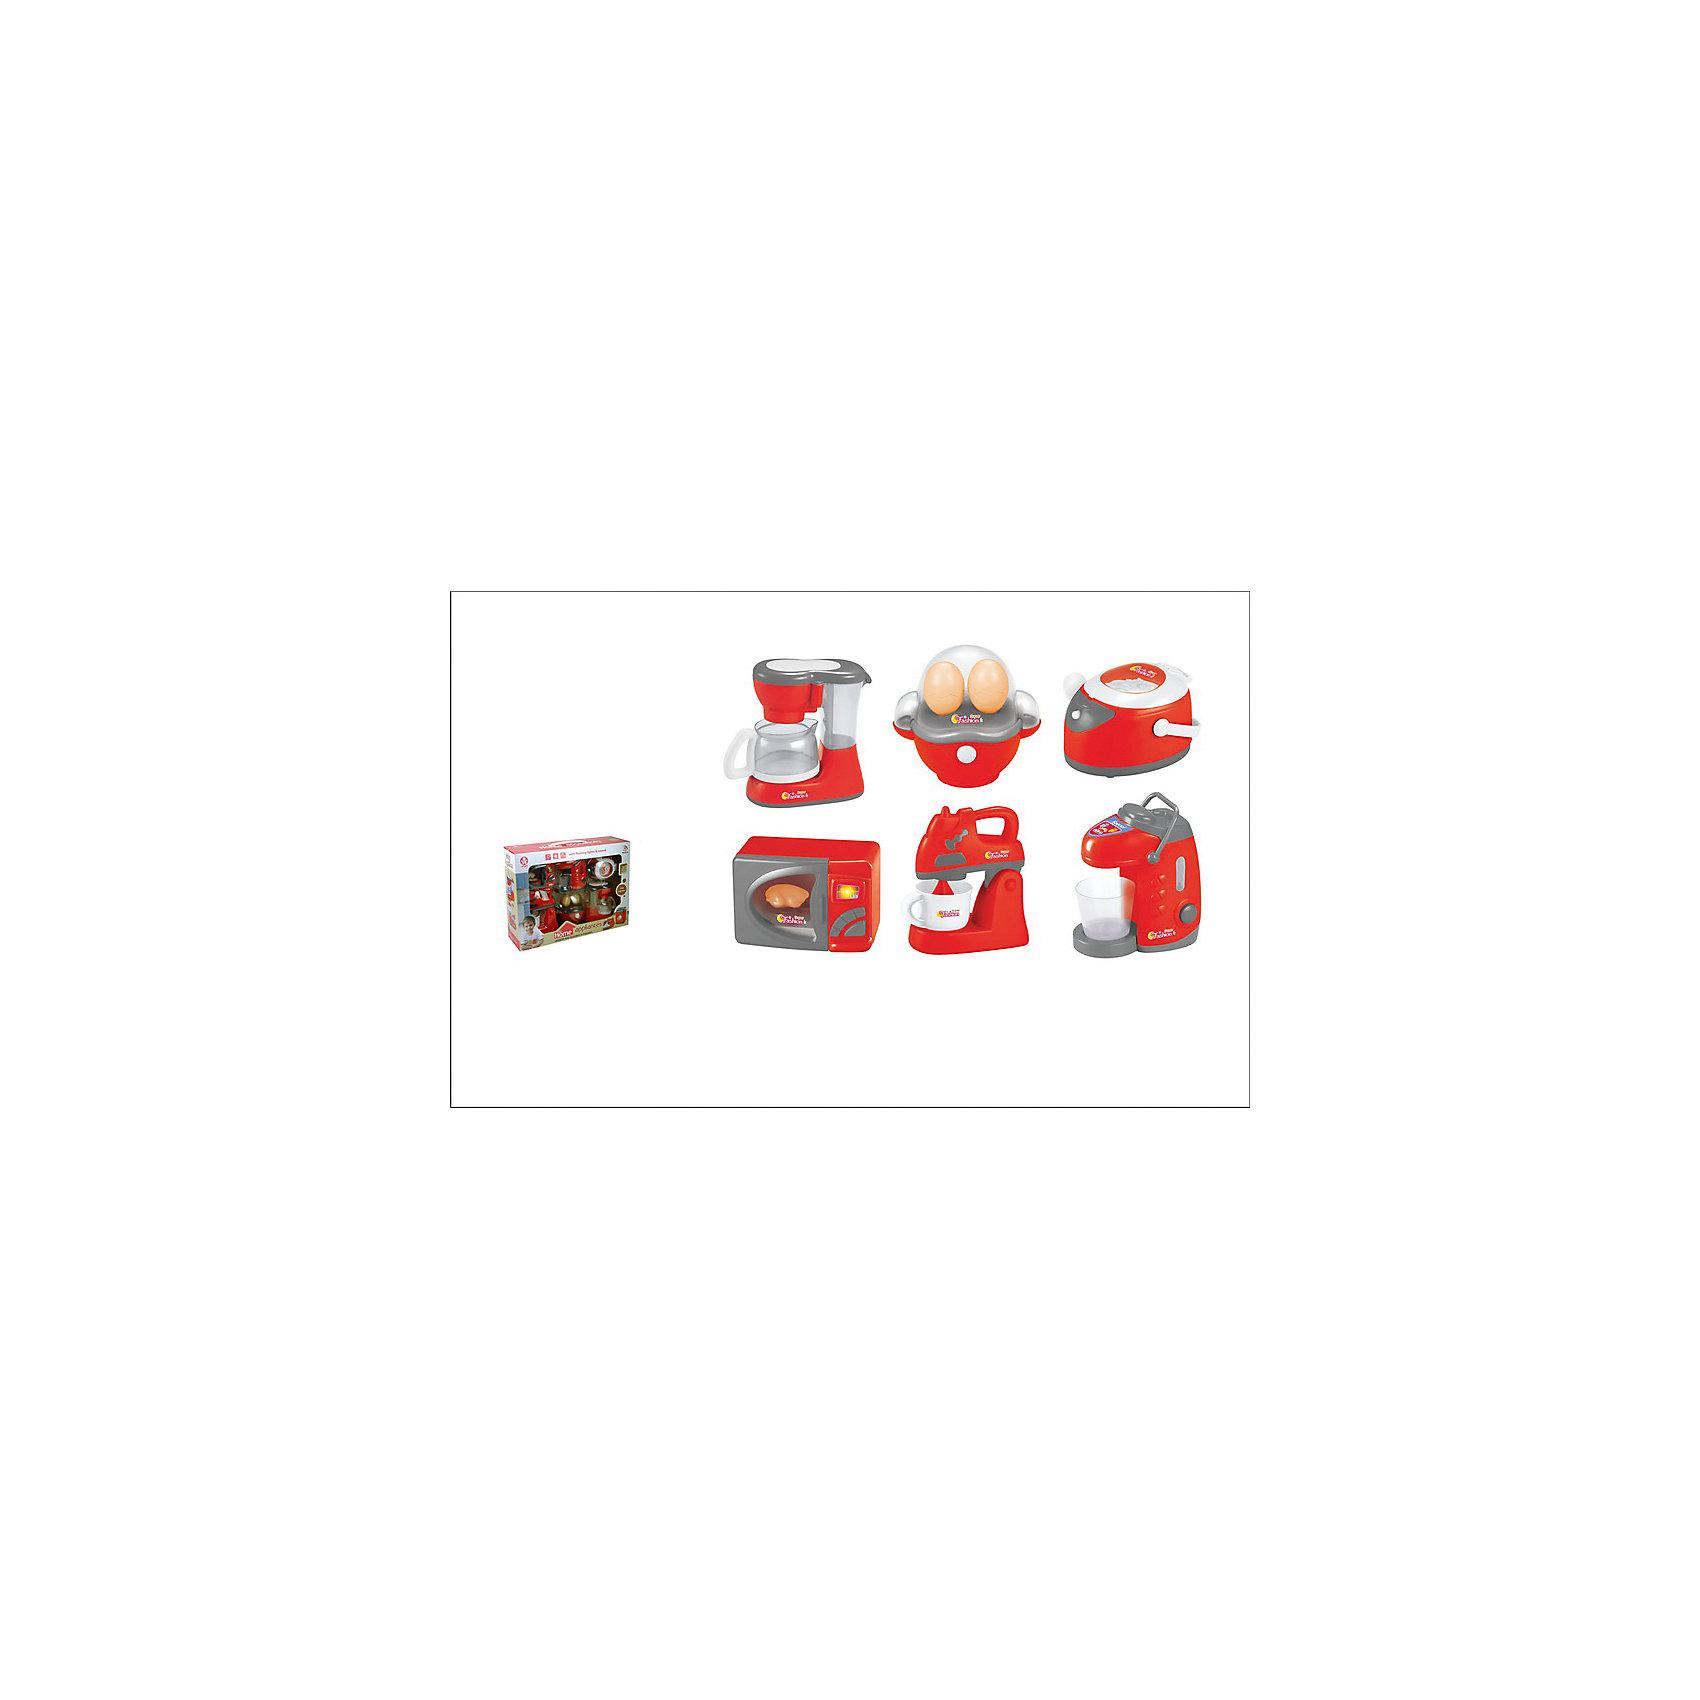 Набор бытовой техники: кофеварка, яйцеварка, мультиварка, микроволновая печь, блендер,ти-пот, 38x9.5x28см, JUNFAИгрушечная бытовая техника<br>Набор бытовой техники: кофеварка, яйцеварка, мультиварка, микроволновая печь, блендер,ти-пот, 38x9.5x28см<br><br>Ширина мм: 380<br>Глубина мм: 95<br>Высота мм: 280<br>Вес г: 1104<br>Возраст от месяцев: 36<br>Возраст до месяцев: 96<br>Пол: Женский<br>Возраст: Детский<br>SKU: 5000026